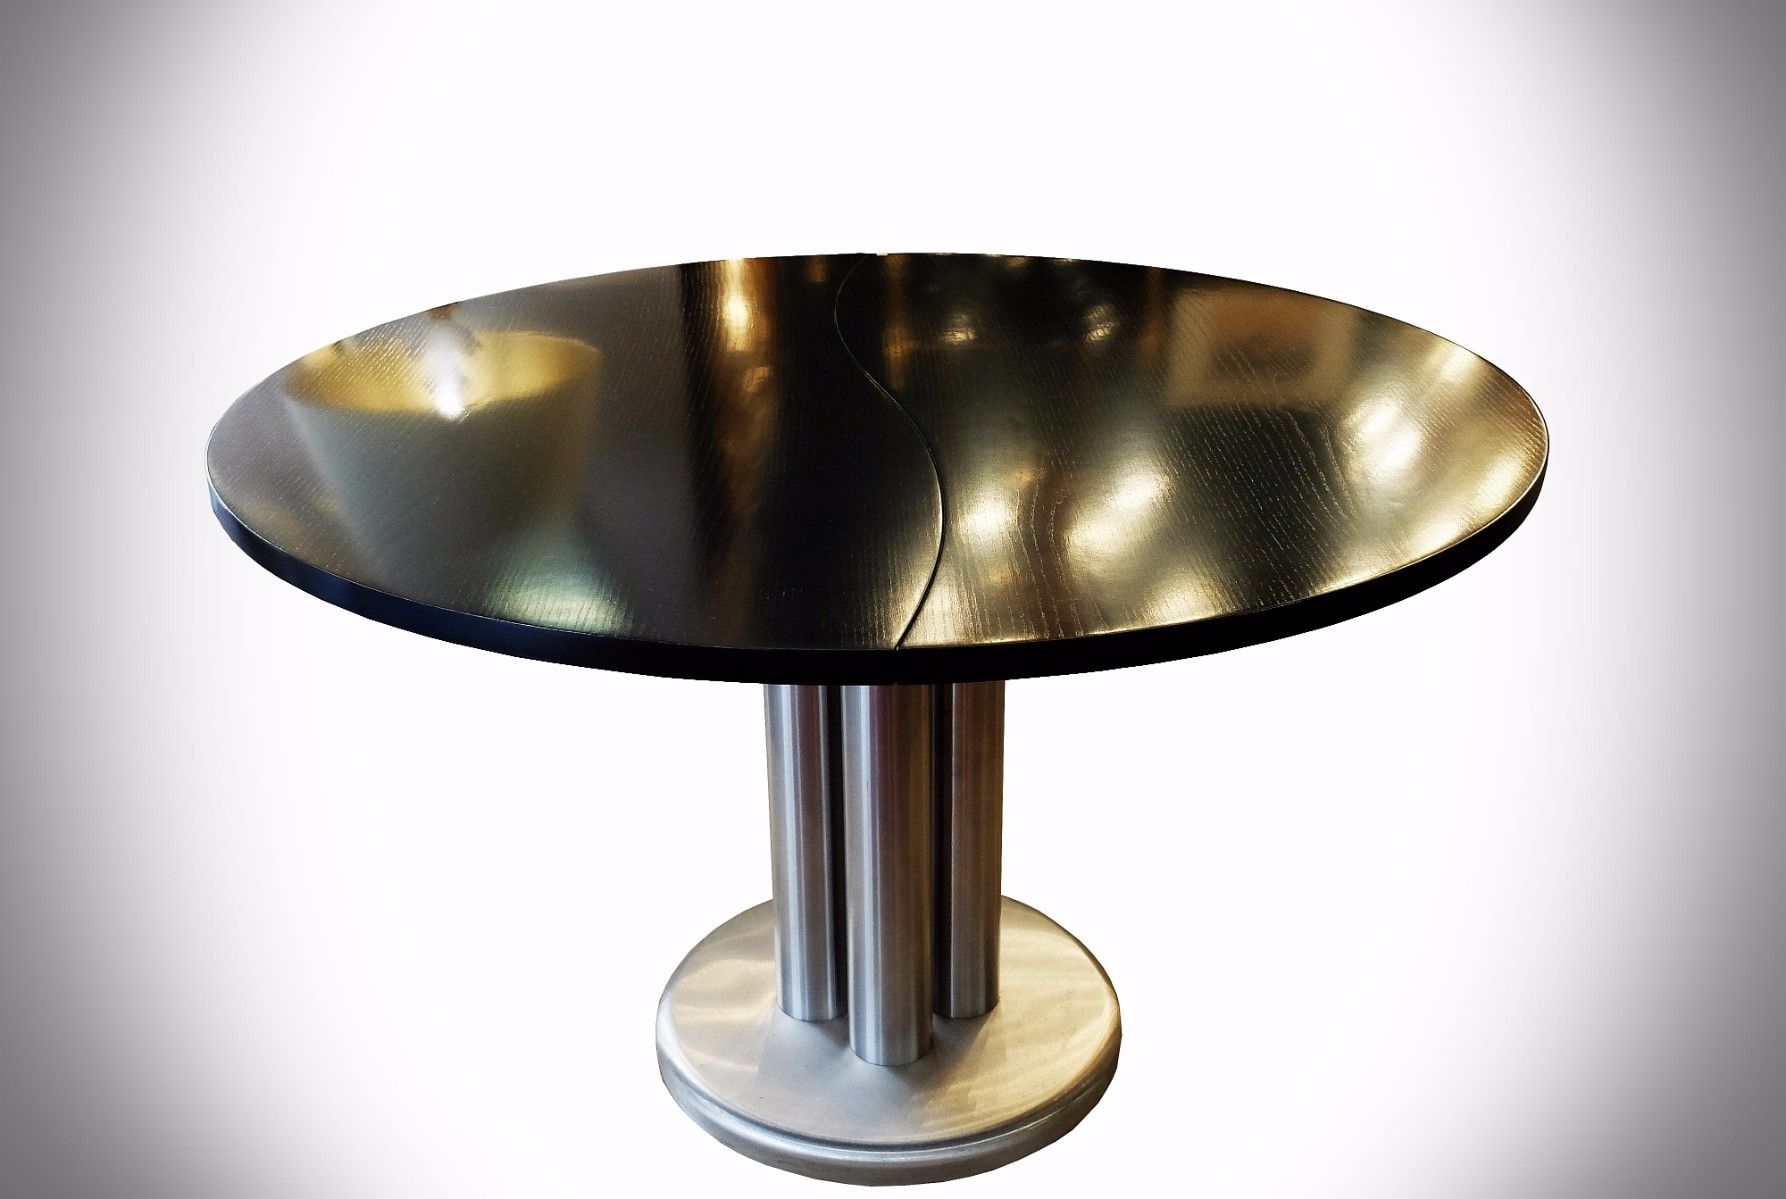 Model Esse Extendable Dining Table By De Pas DUrbino Lomazzi For Acerbis Previous